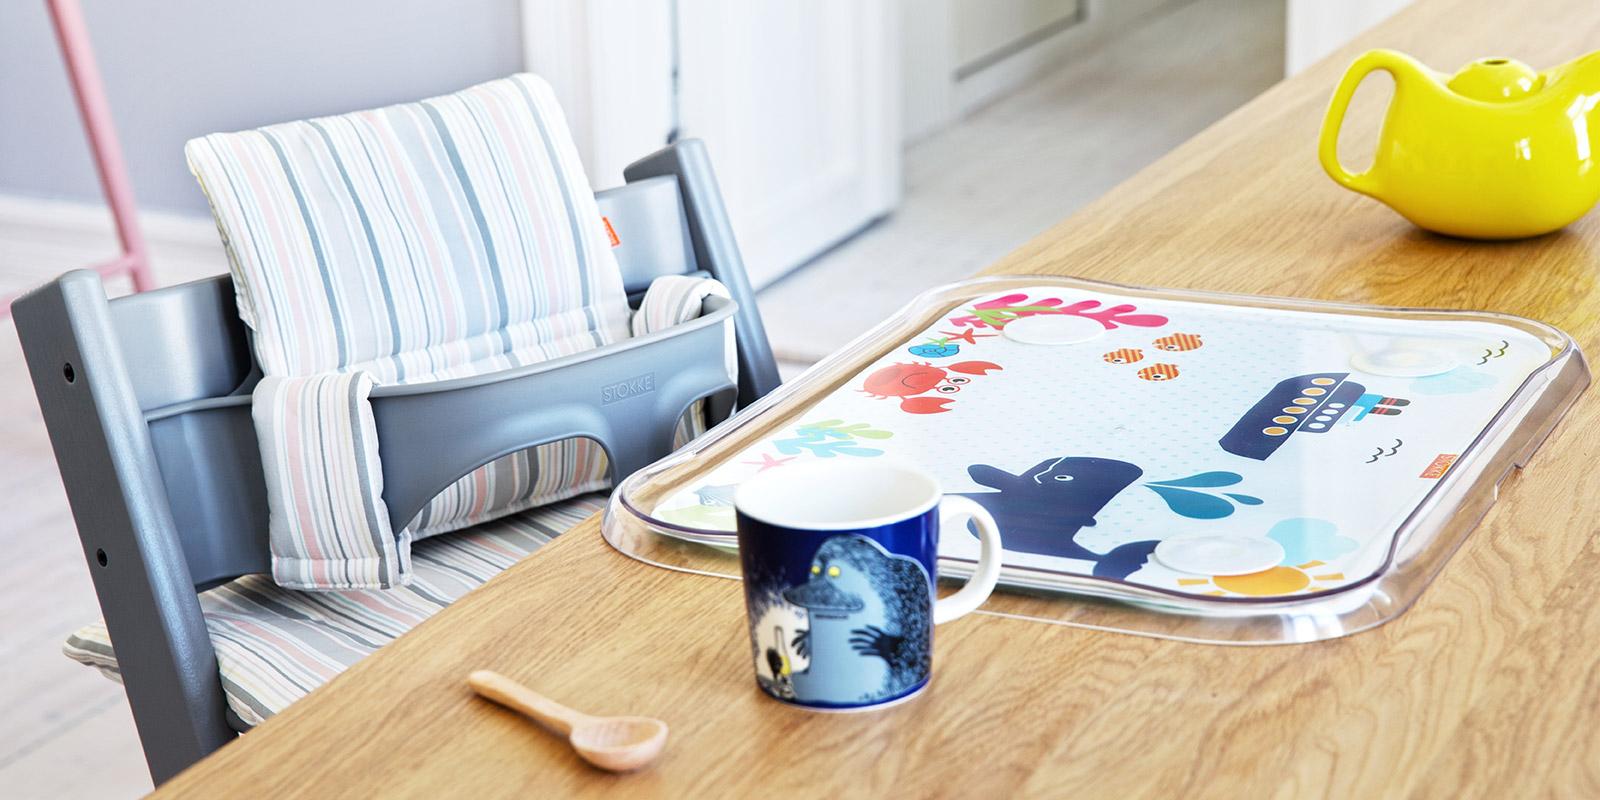 muebles para niños - kidshome - Muebles Para Ninos